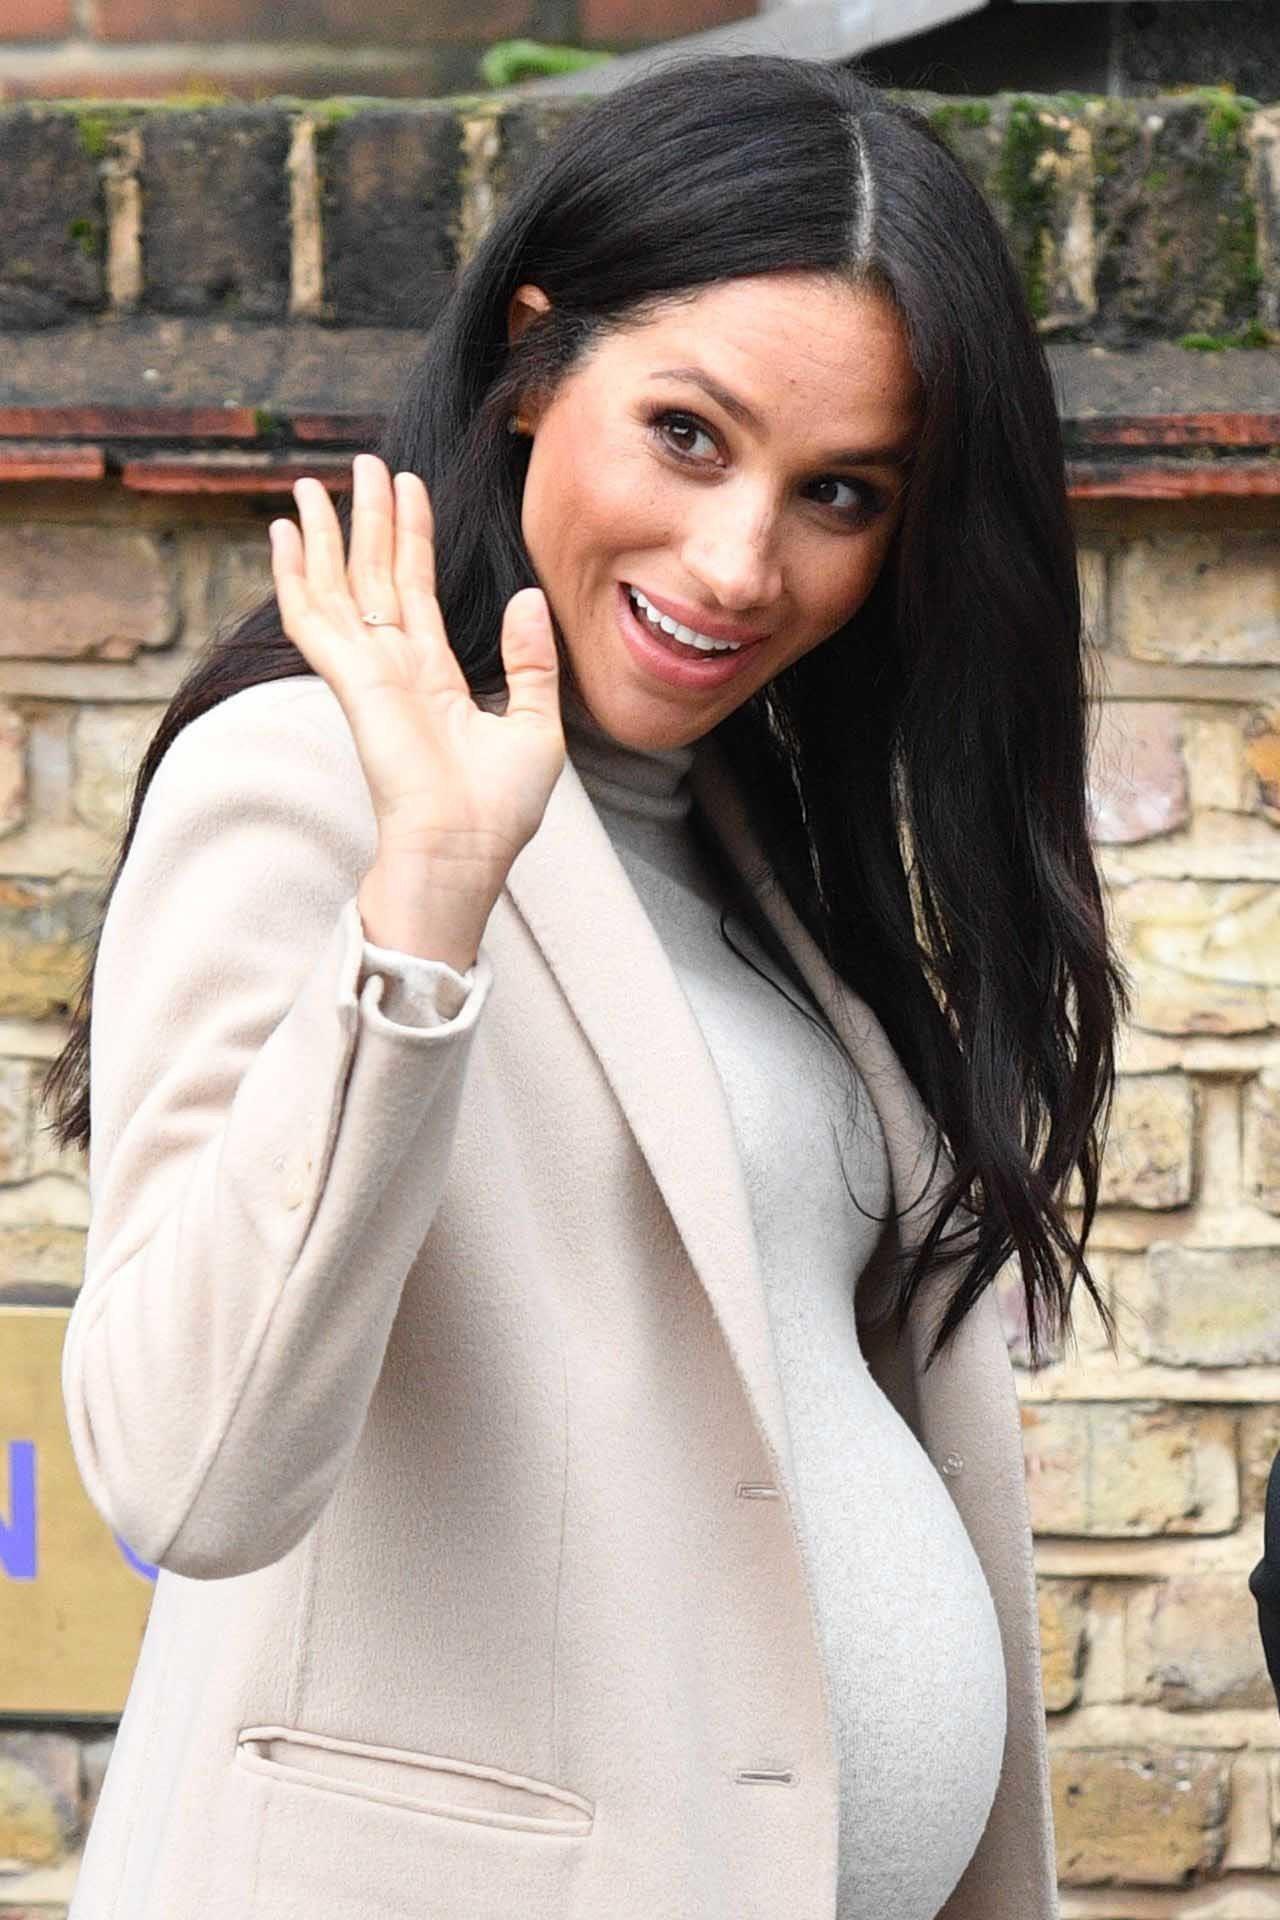 谁说只有凯特王妃会穿平价衣?梅根马可的H&M洋装一千元就买得到